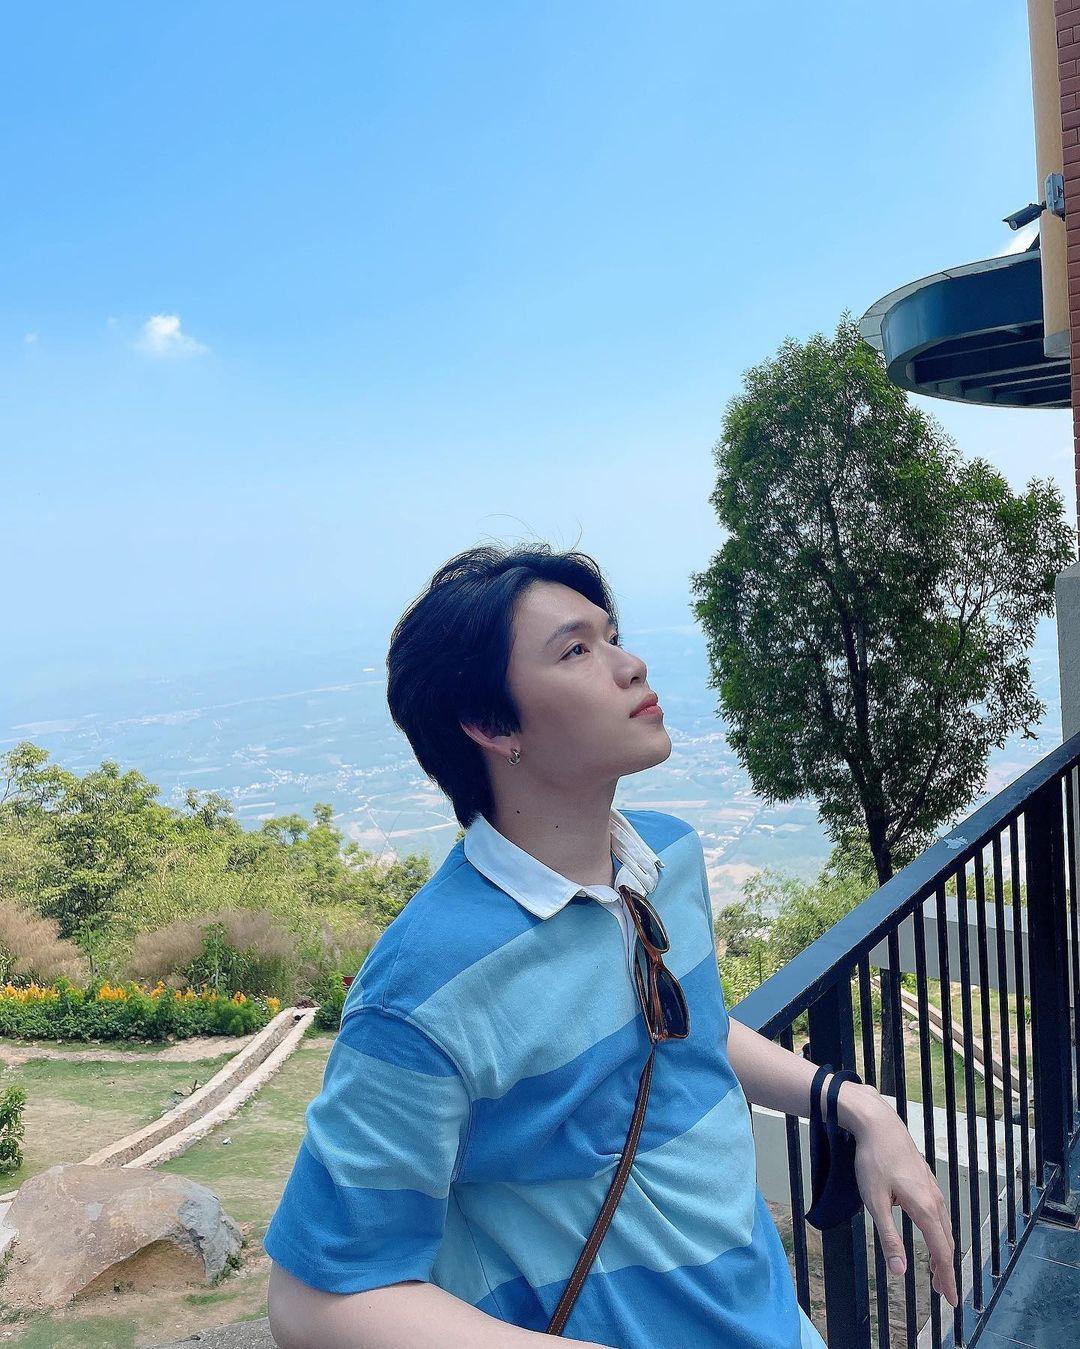 Quang Trung nhiều lần phối hợp cùng Huỳnh Lập trong các MV parody, sau đó lấn sân điện ảnh với vai diễn trong phim Lô tô, Chị trợ lý của anh. Nam diễn viên còn tham gia nhiều gameshow và khiến đồng nghiệp cũng như khán giả bất ngờ về giọng hát như nuốt đĩa.